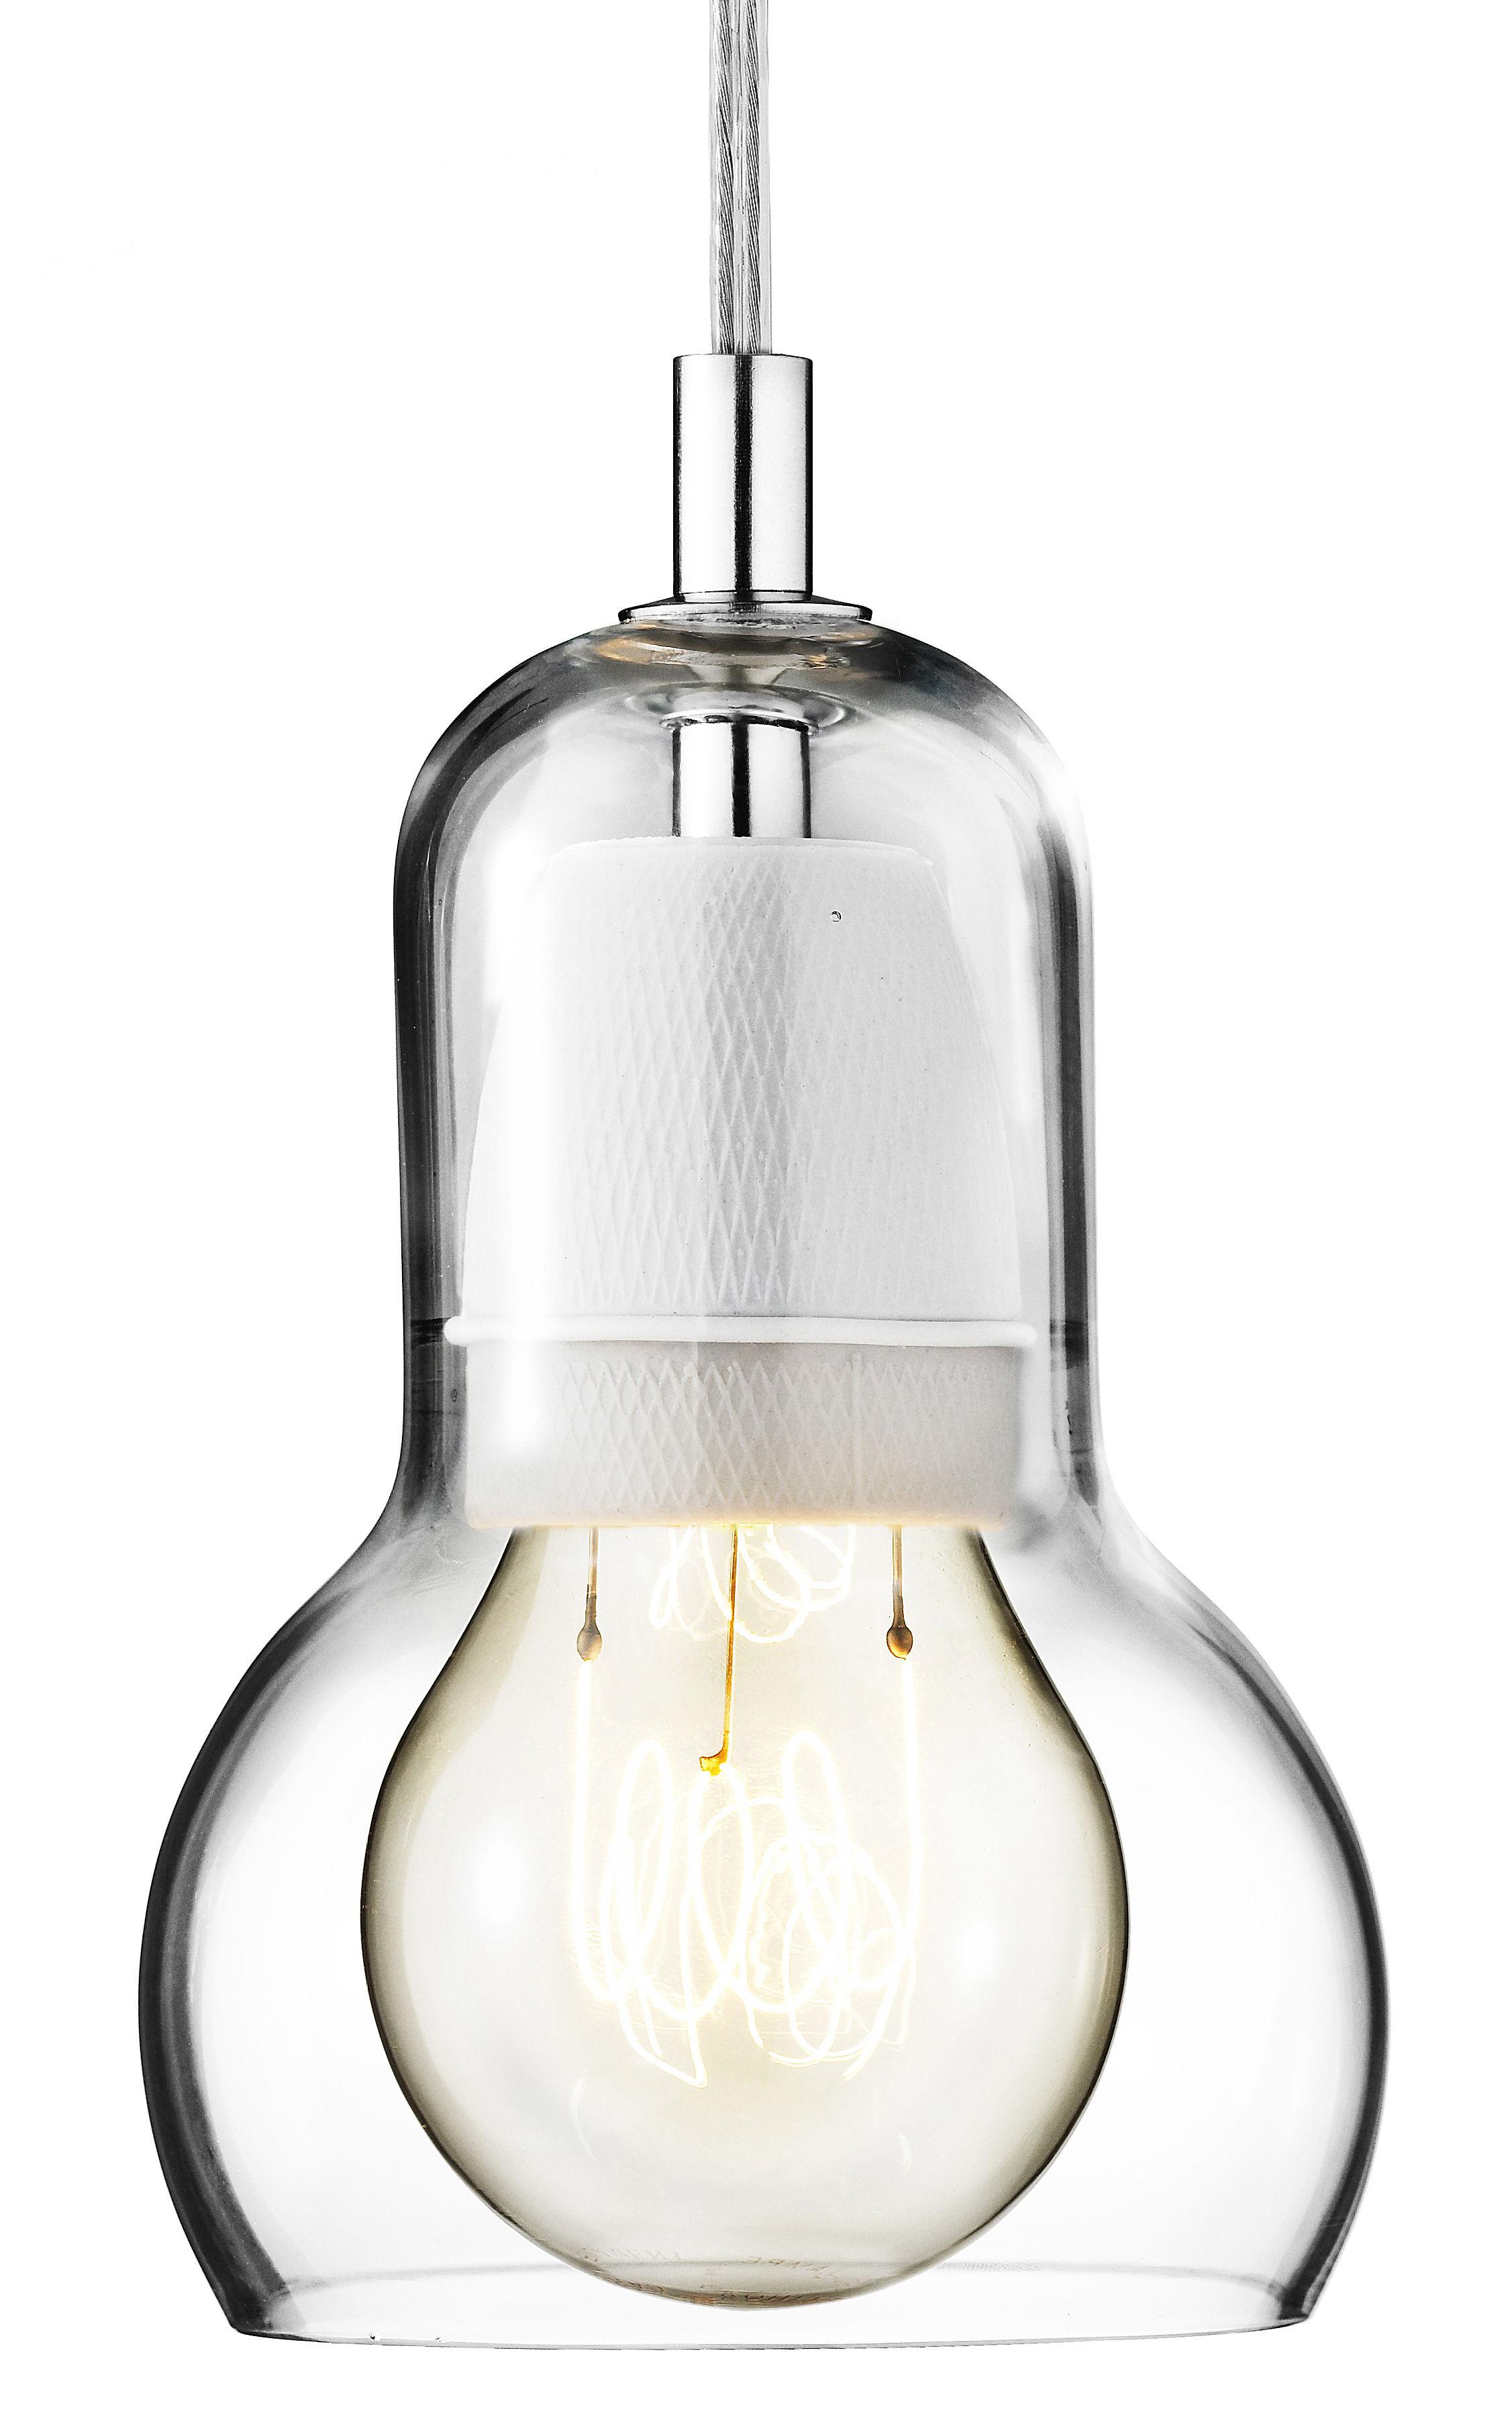 Illuminazione - Lampadari - Sospensione Bulb - Ø 11 cm - Cordone trasparente di &tradition - Trasparente / cavo trasparente - Vetro soffiato a bocca